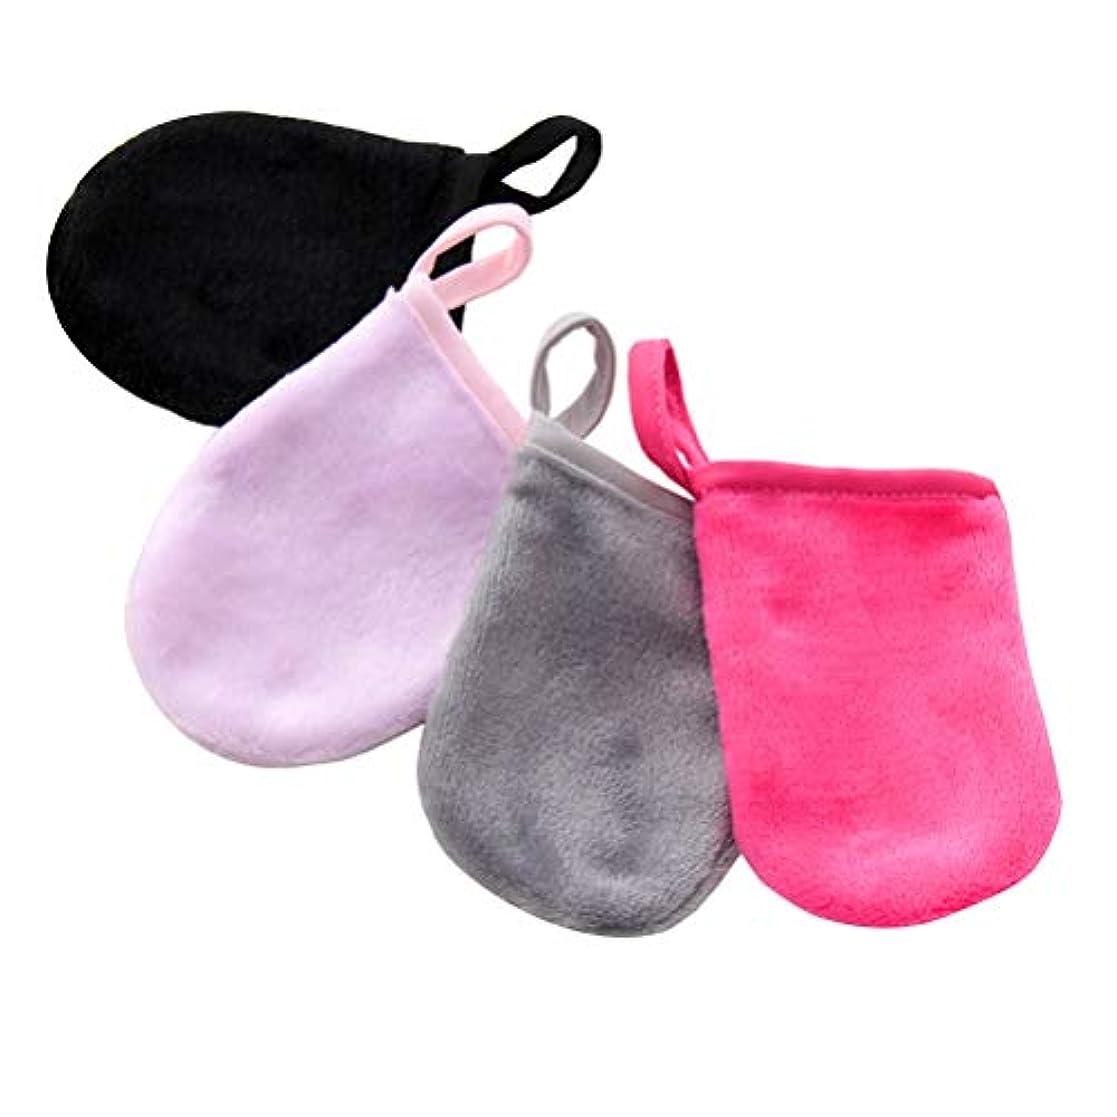 堤防伝導素晴らしいですTOPBATHY 4ピースフェイスクレンジング手袋マイクロファイバーメイク落とし手袋ソフト再利用可能な顔の布タオルパッドスパミット用女性女の子(混色)